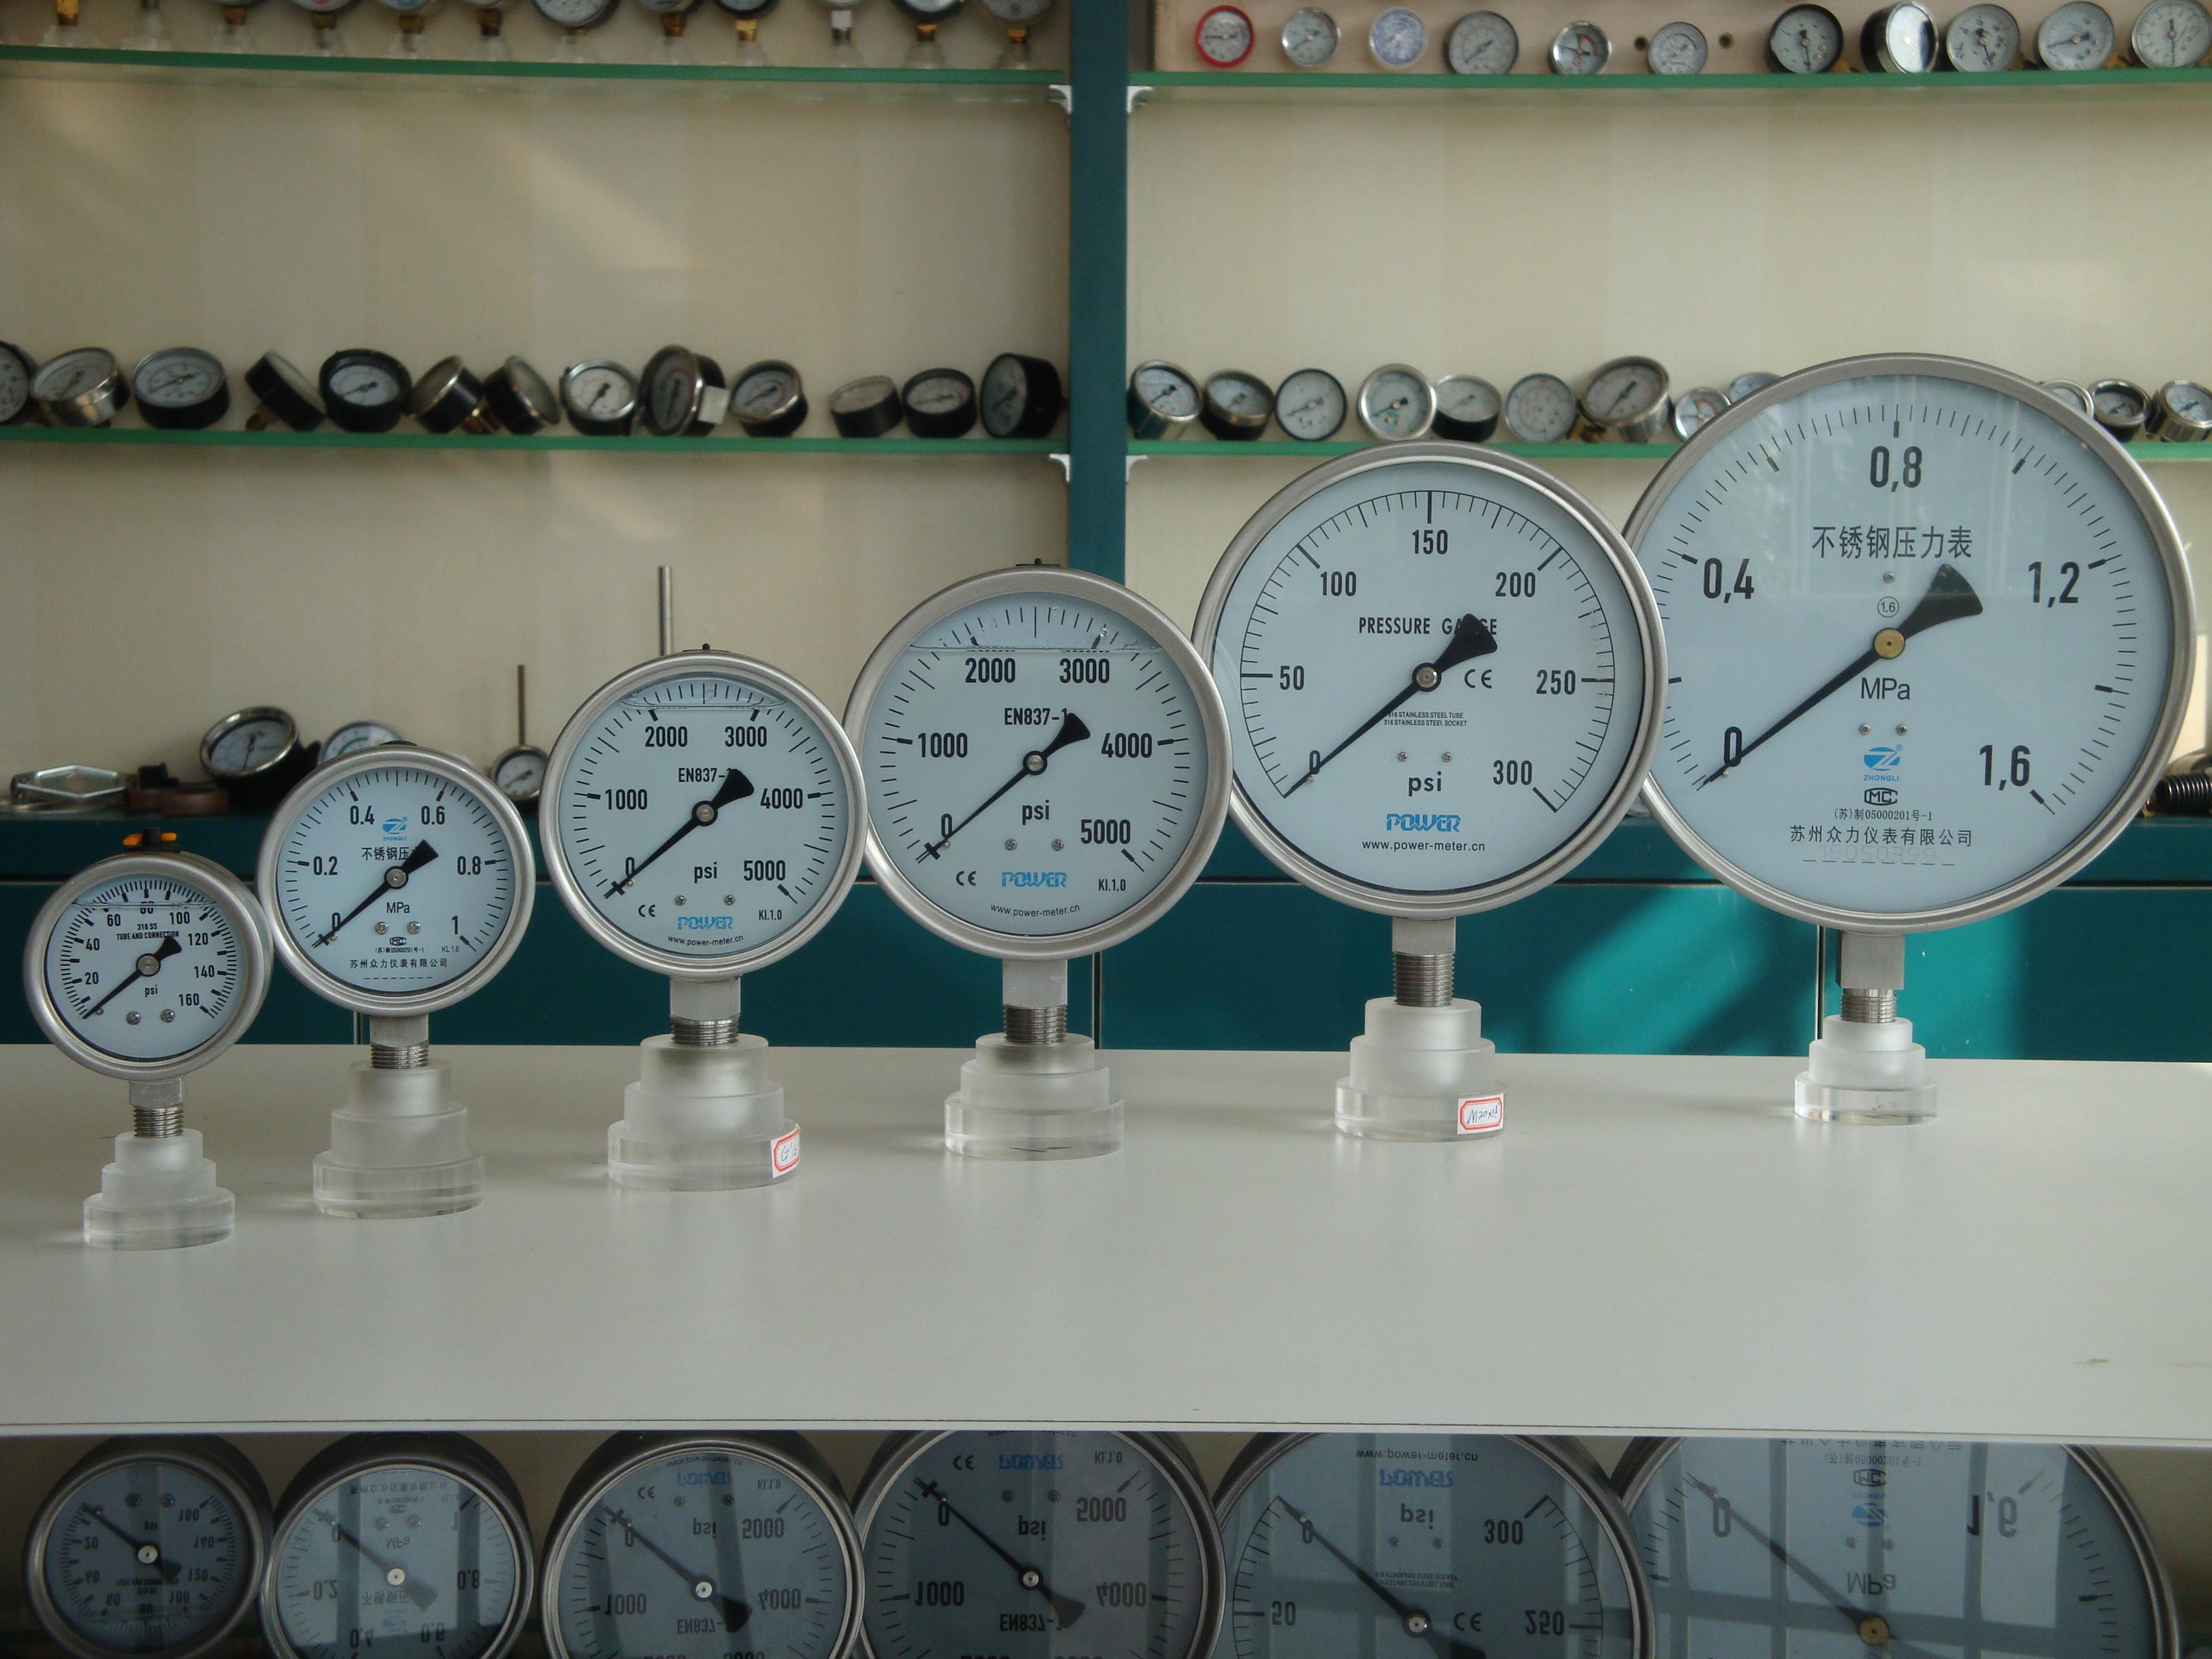 YBF model Full Stainless steel Pressure gauges